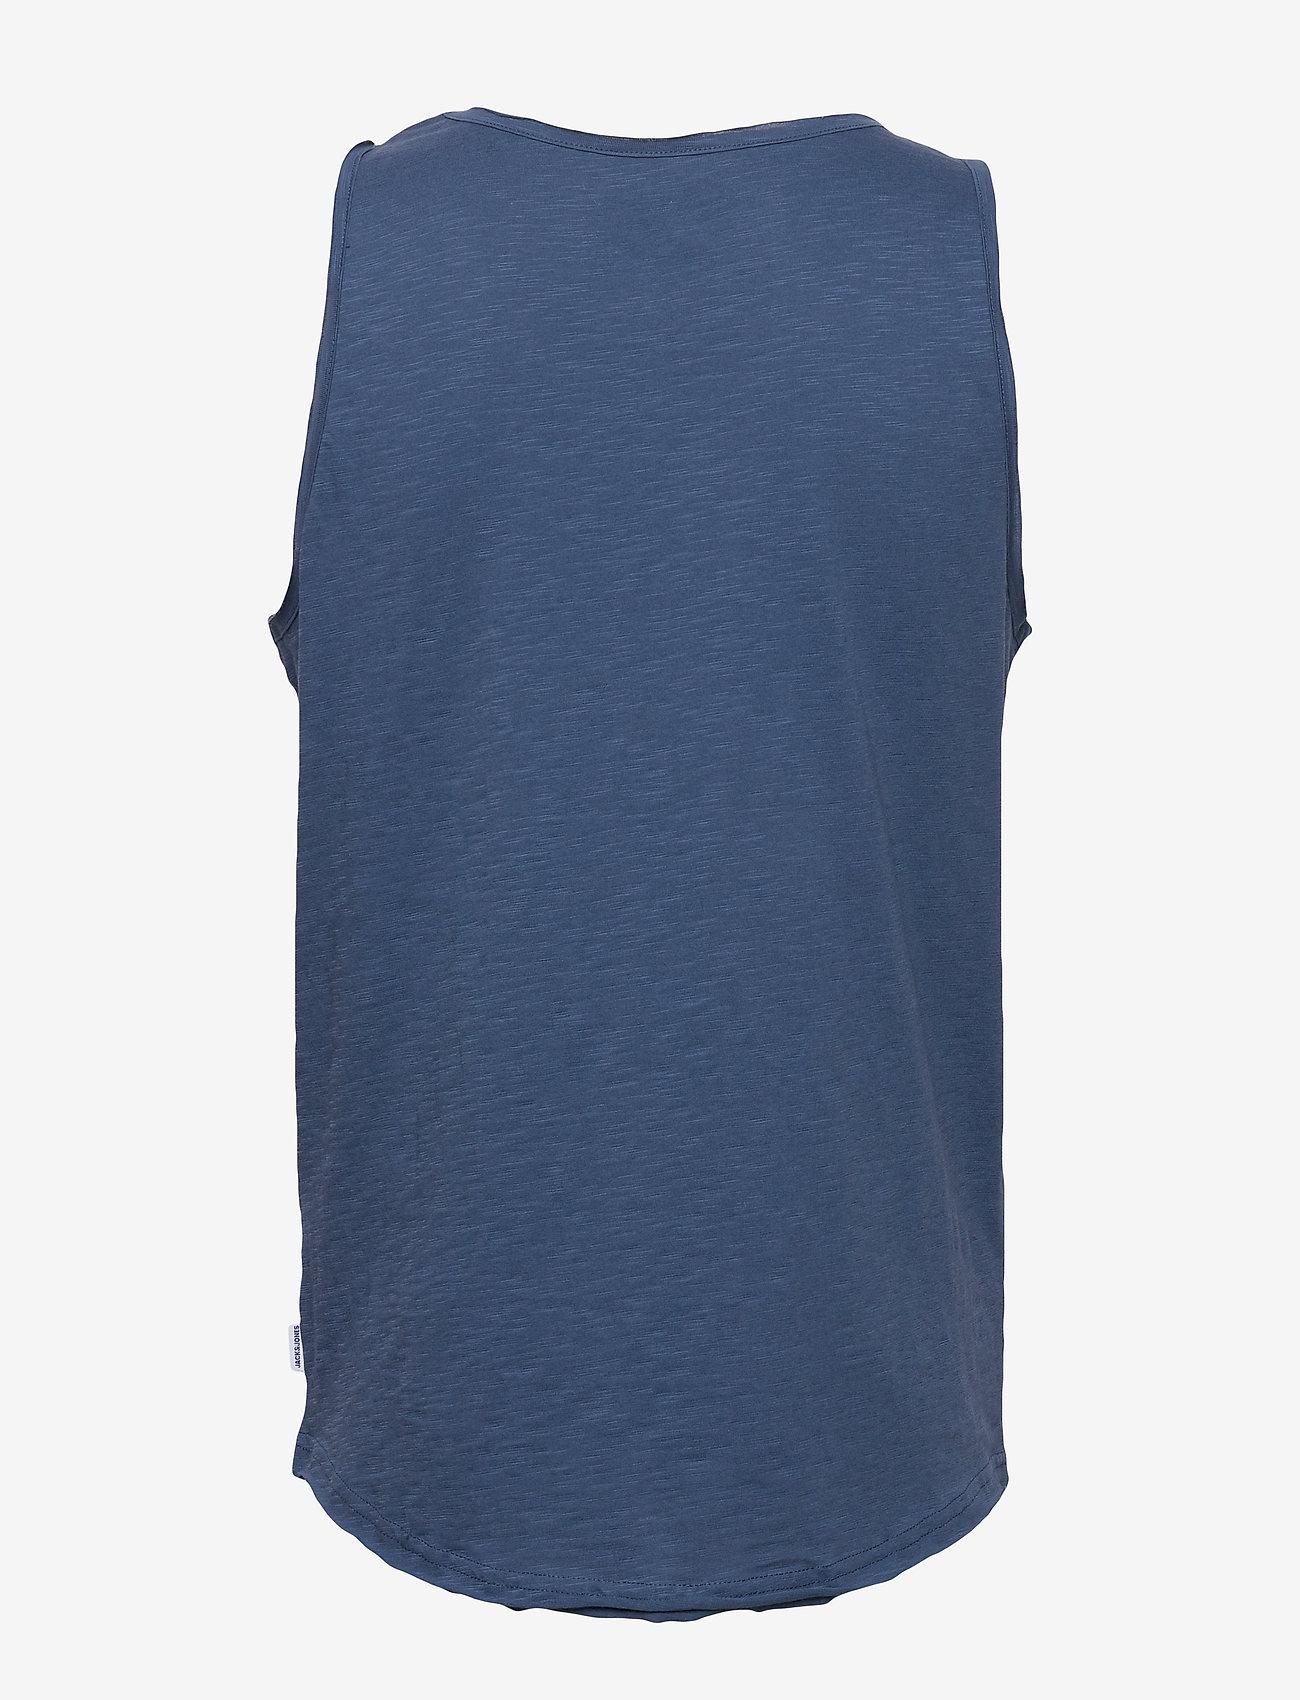 Jack & Jones - JORWALLET TANK TOP STS - perus t-paidat - ensign blue - 1